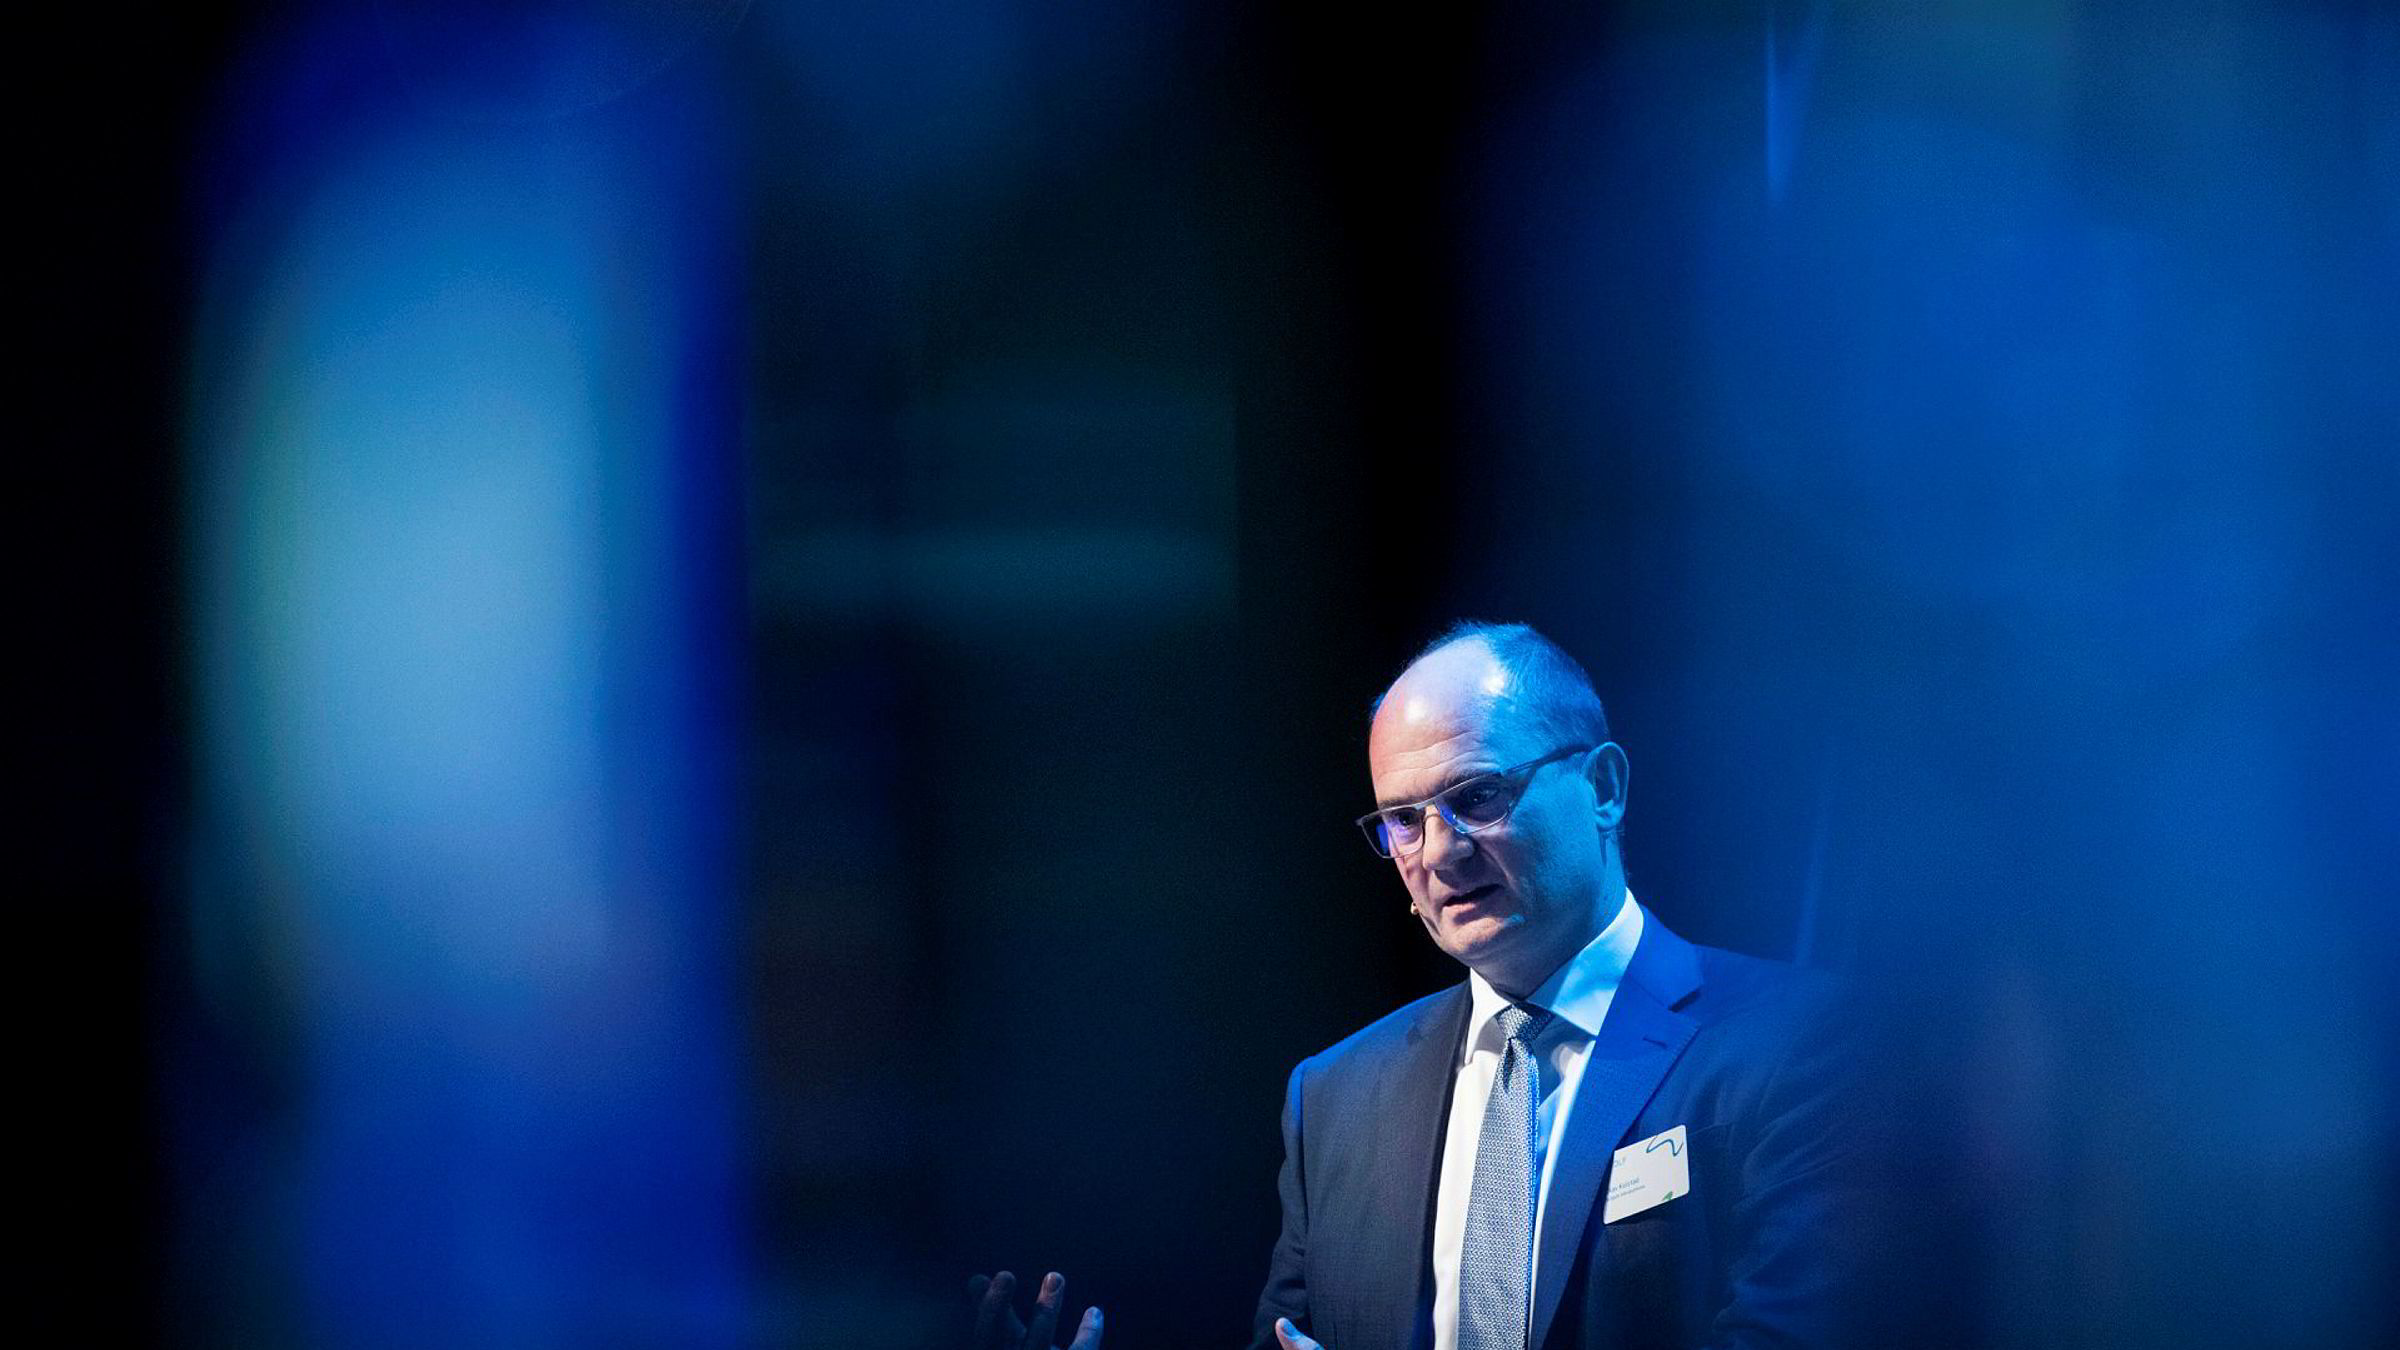 – Generelt skal man være forsiktige med konspirasjonsteorier, særlig når det bikker over mot brudd på konkurranseloven, sier Olav Kolstad.